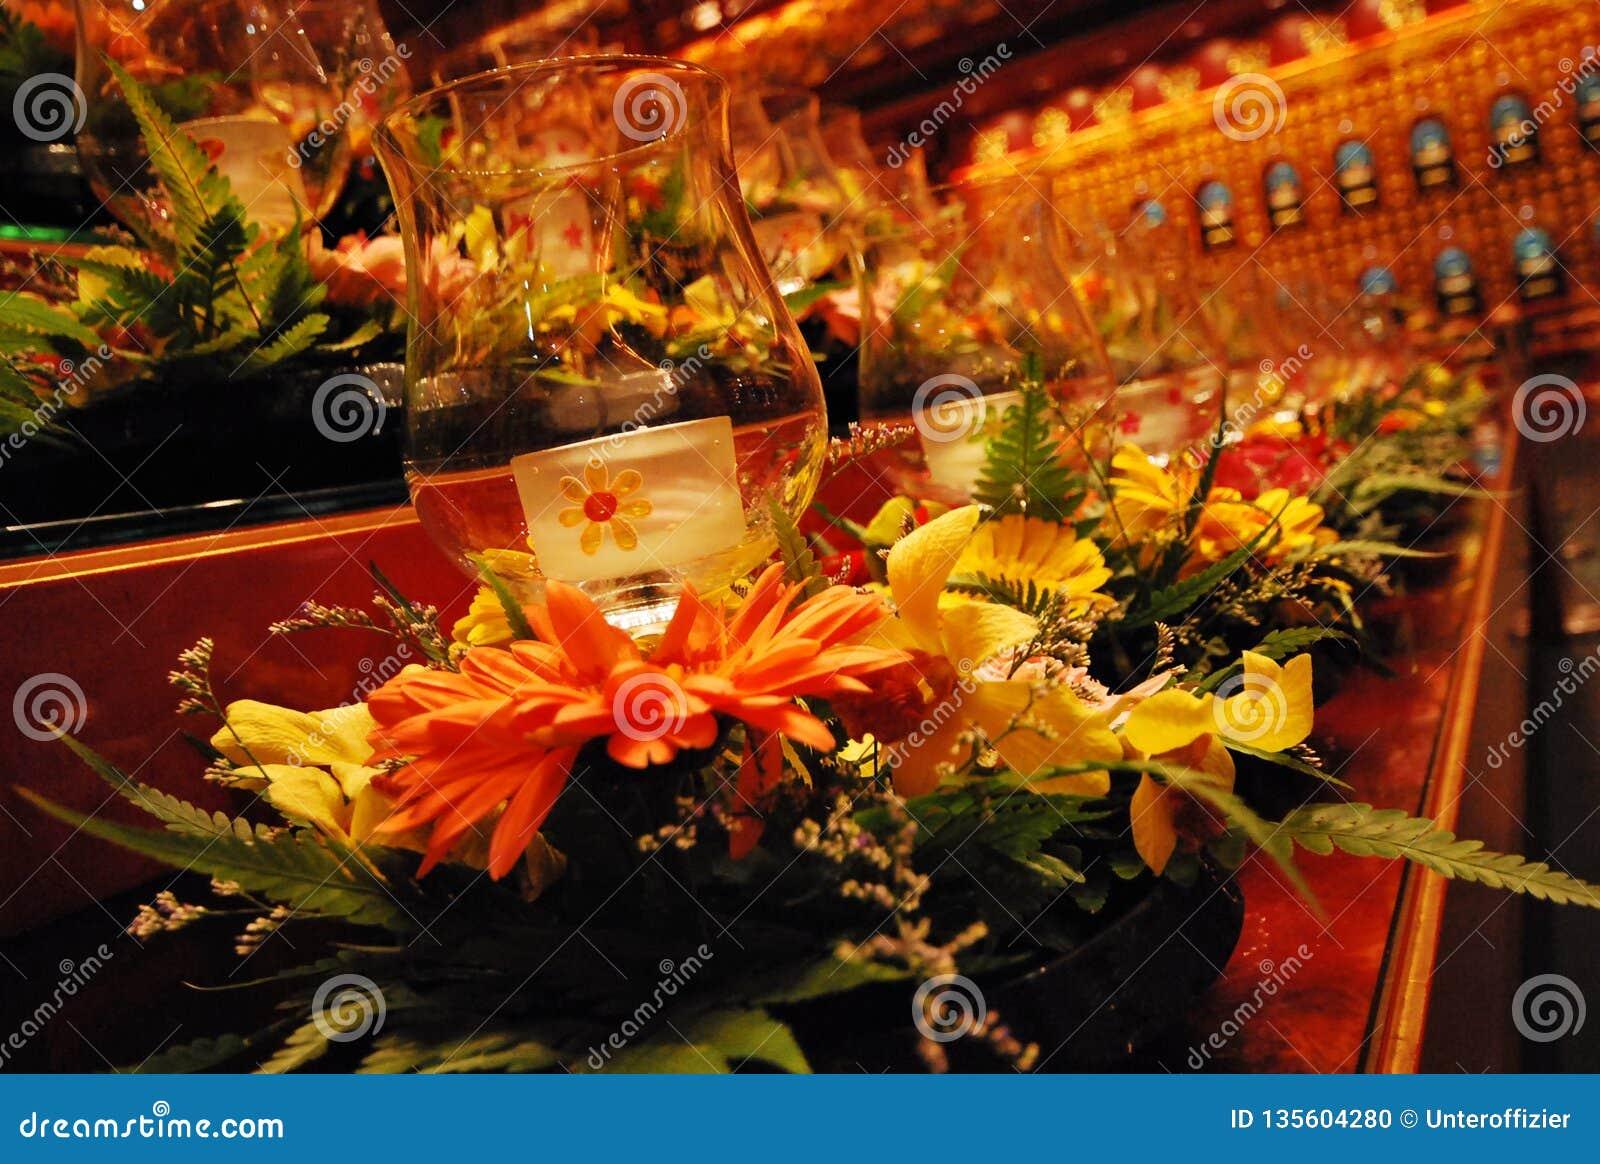 Glaskerzenhalter an einem Altar gebadet in den bernsteinfarbigen Innenlichtern